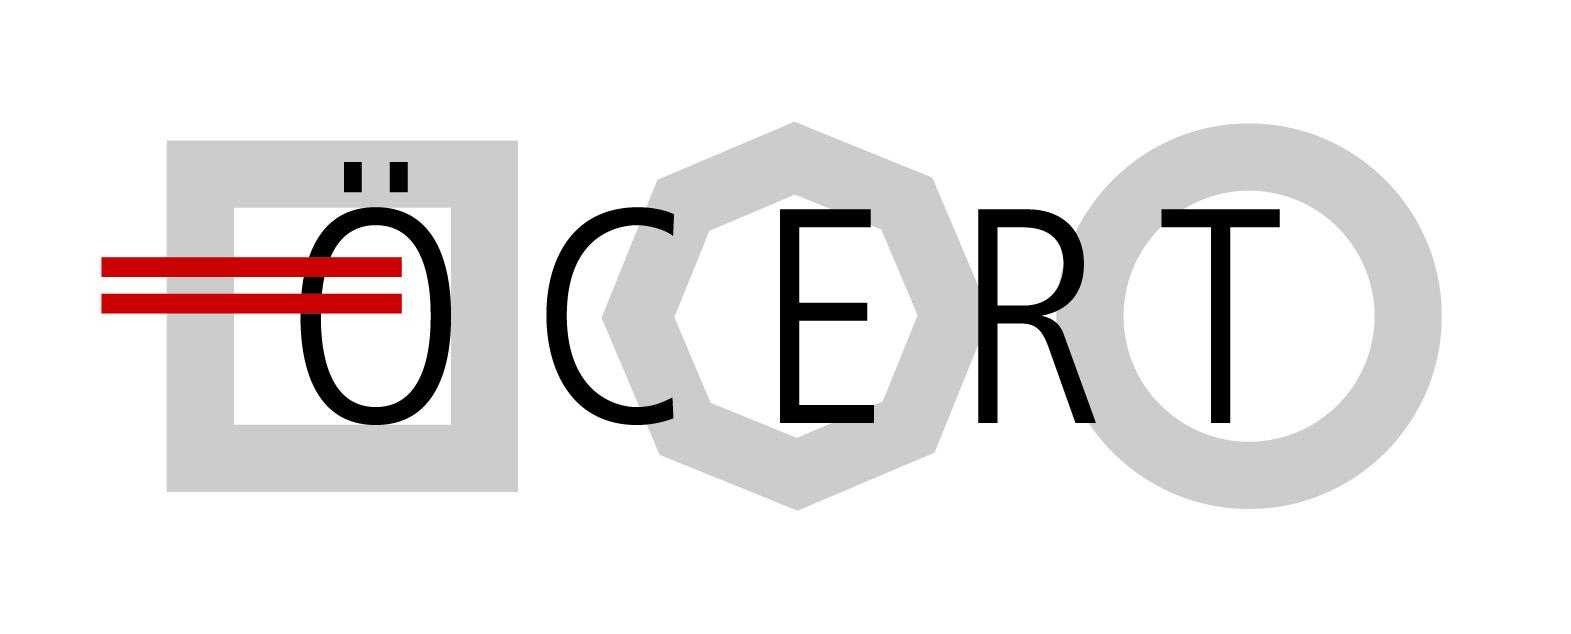 öcert Logo für den zertifizierten Coaching-Lehrgang